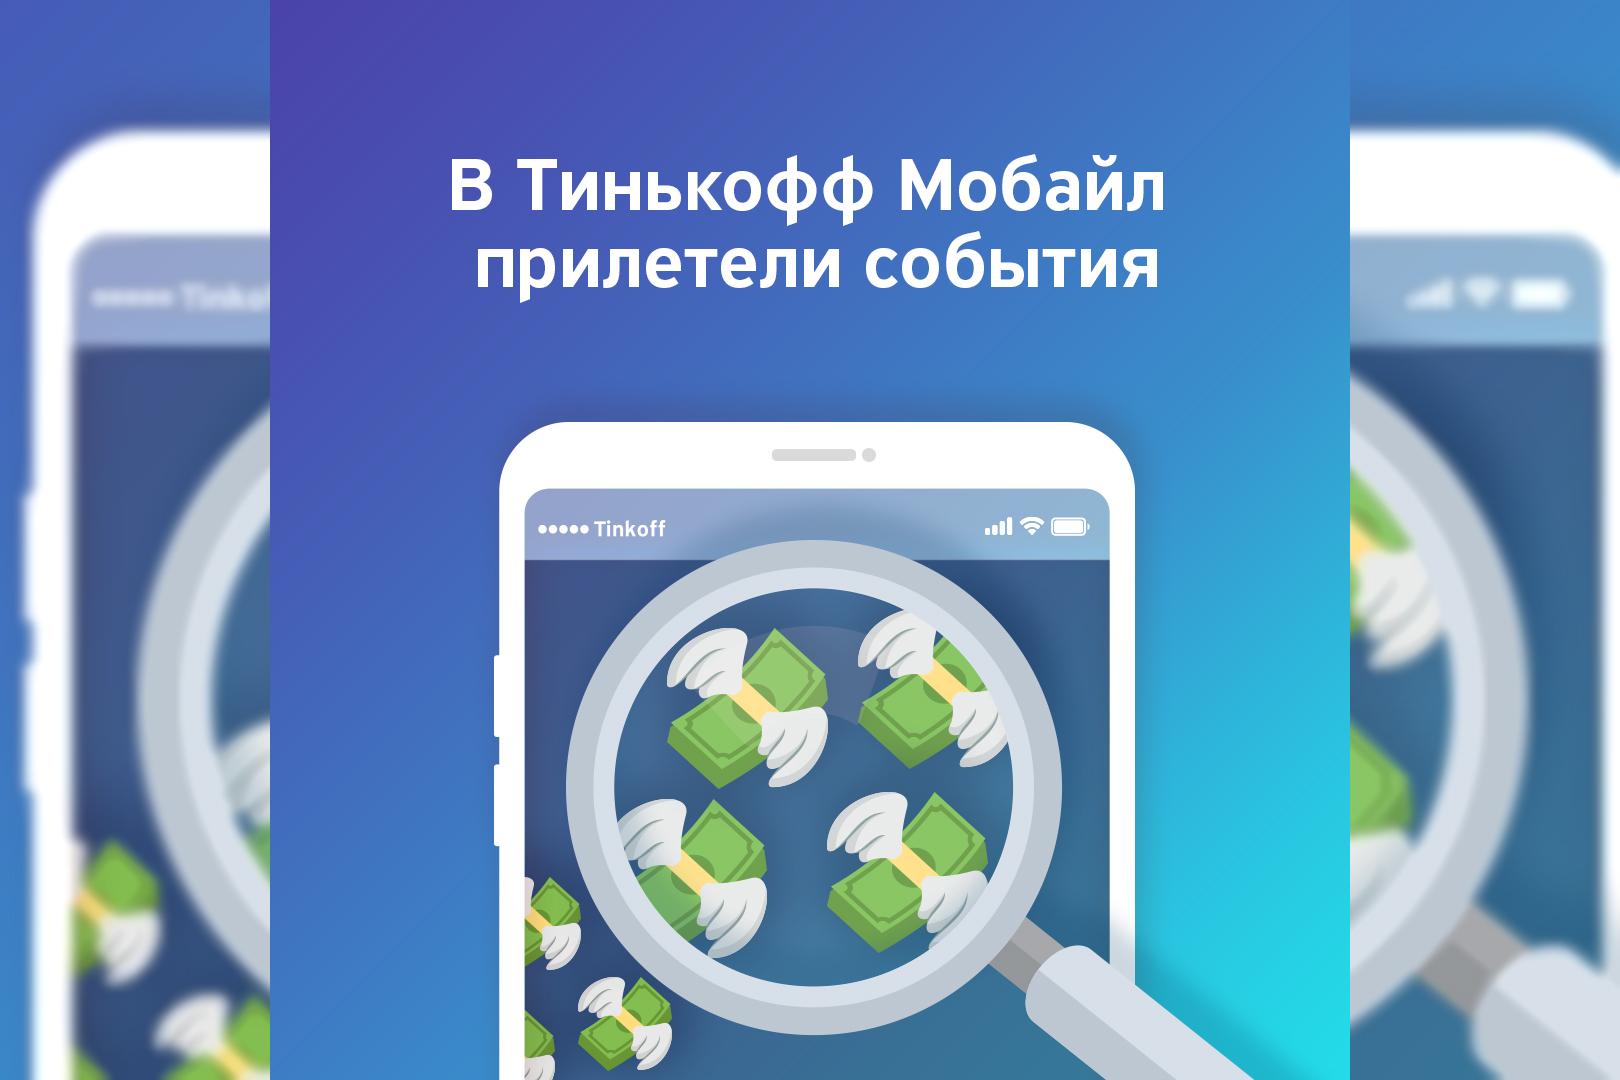 Тинькофф Мобайл запустил детализацию расходов в мобильном приложении